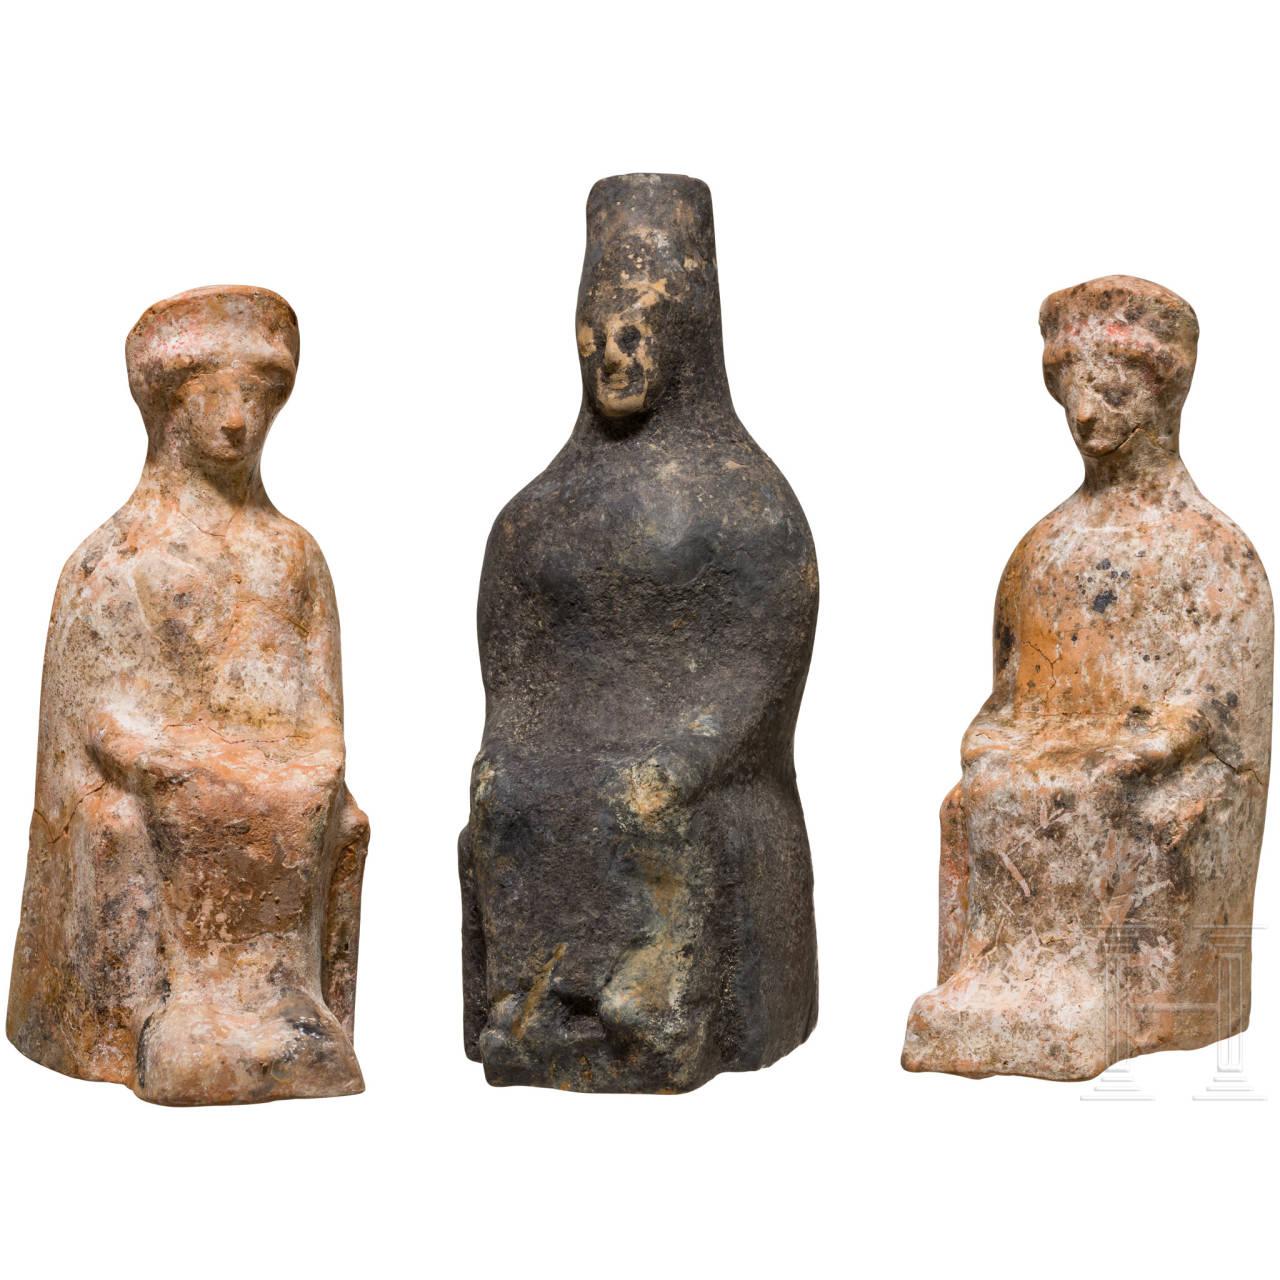 Gruppe von drei thronenden Göttinnen, griechisch-hellenistisch, ca. 3. - 1. Jhdt. v. Chr.